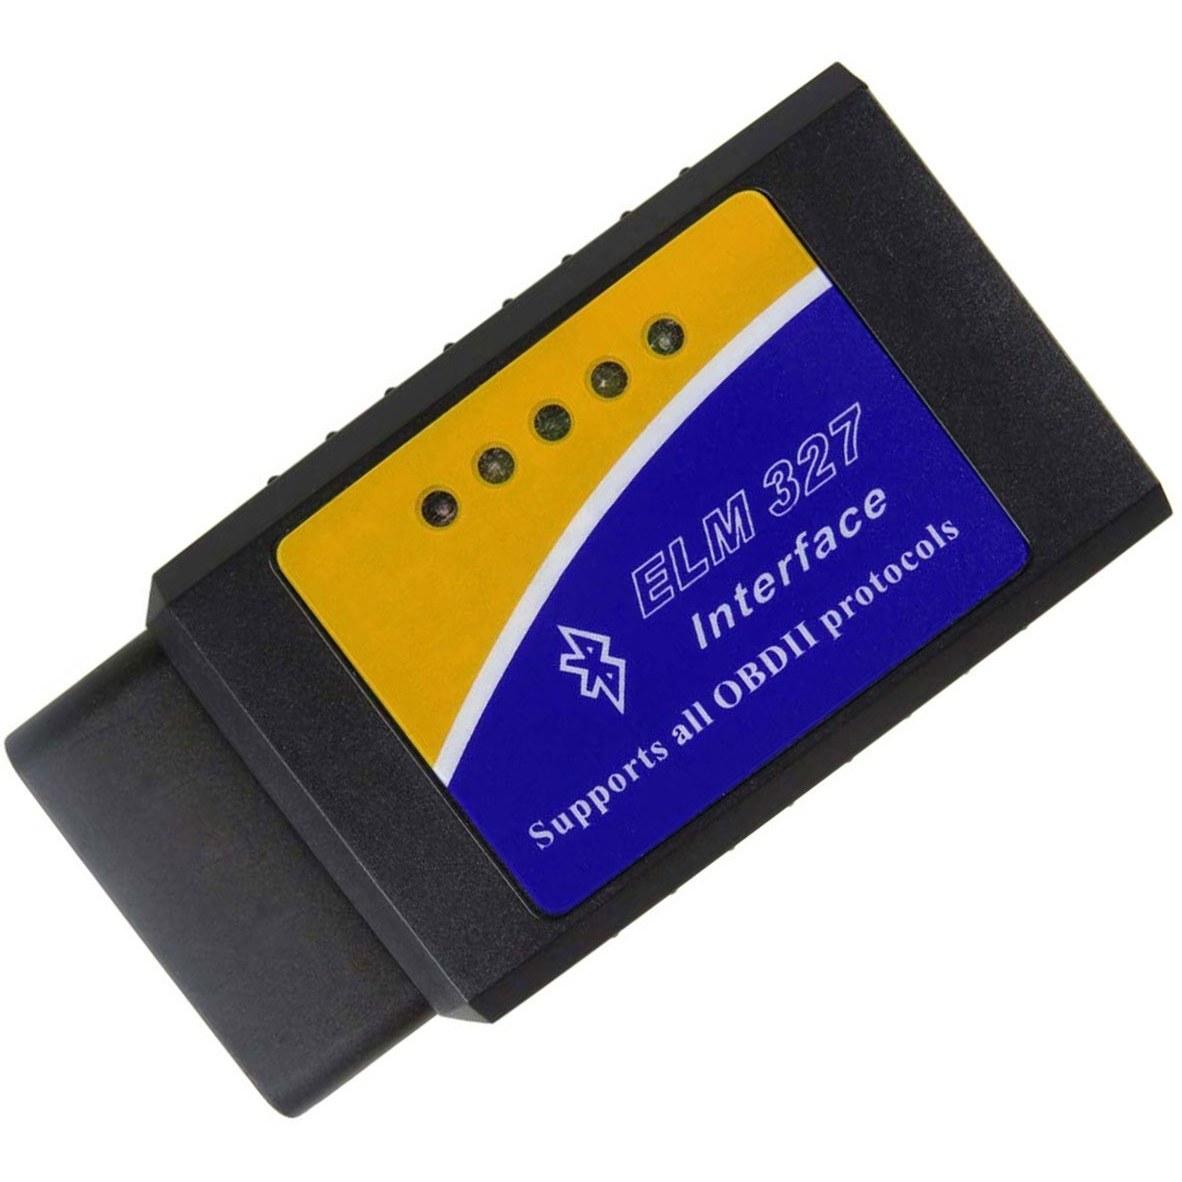 دستگاه دیاگ خودرو وایرلس OBDII ELM327 Bluetooth